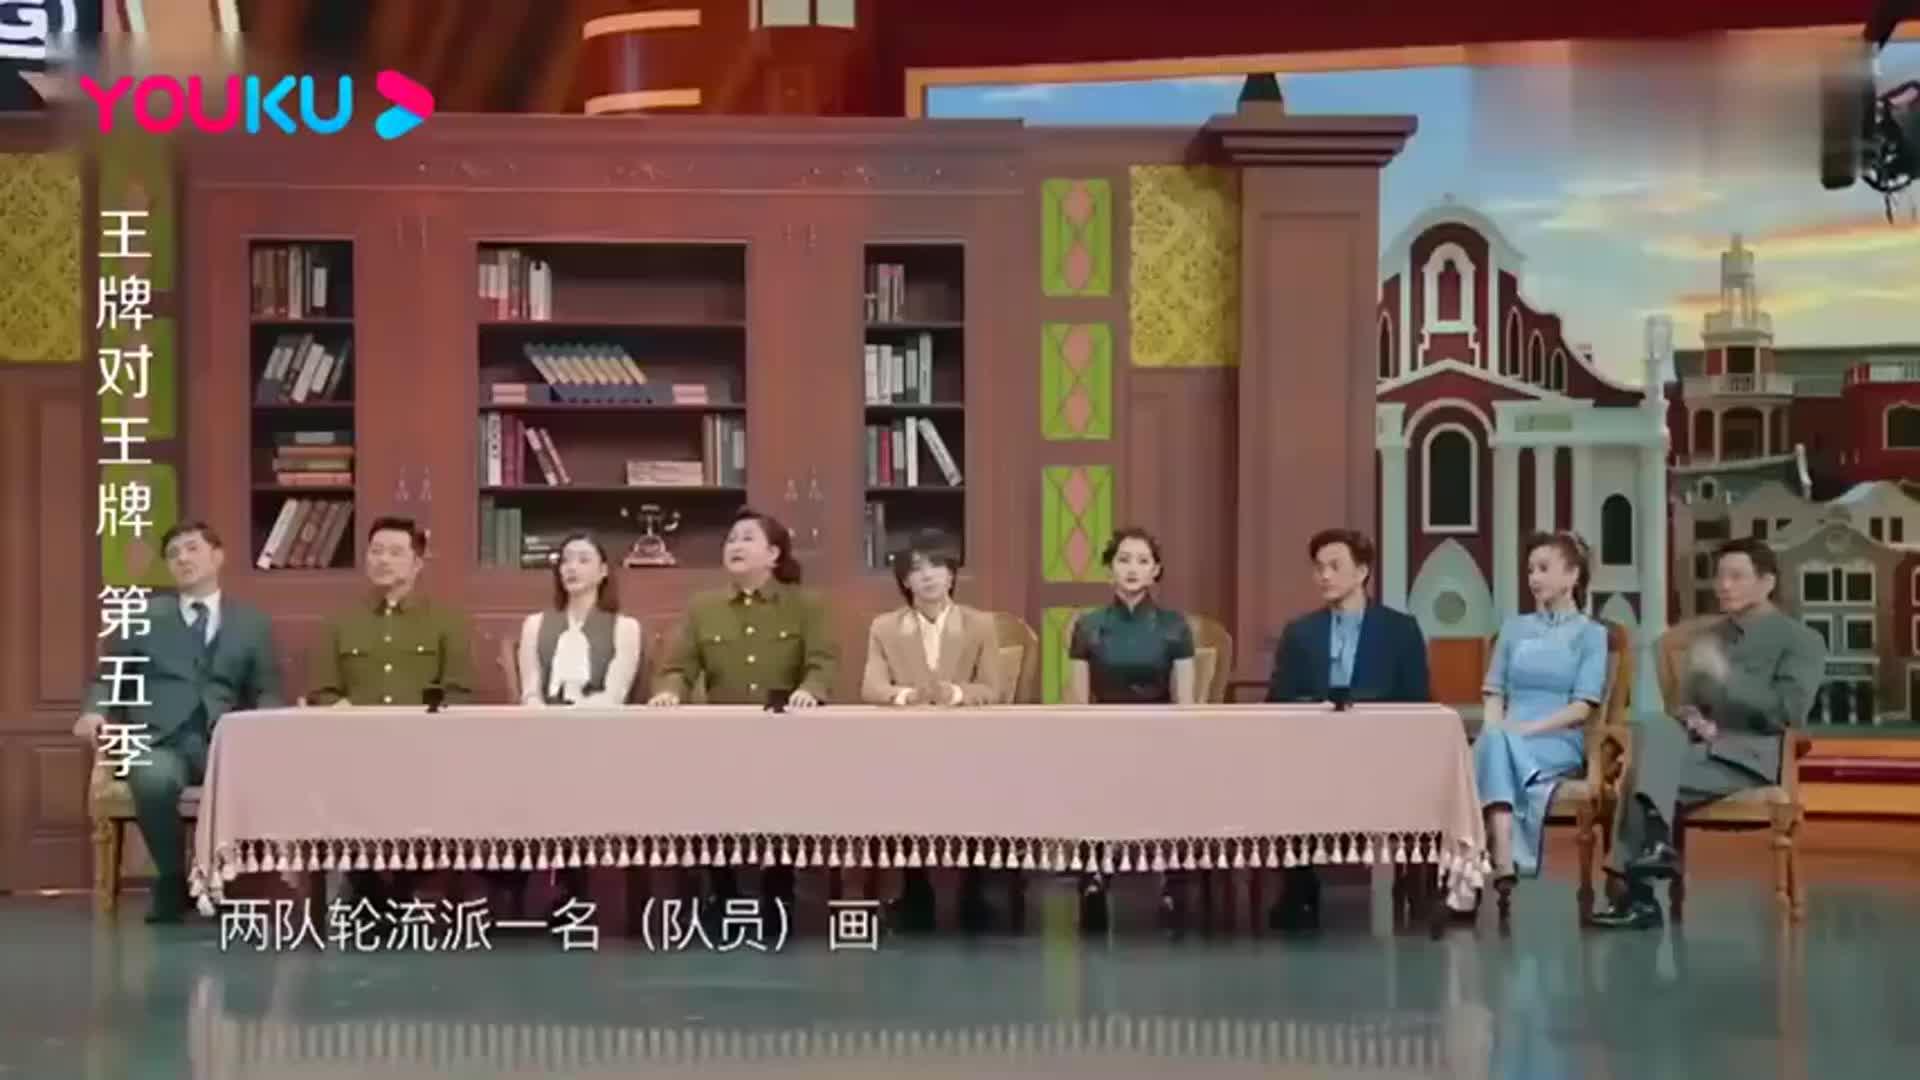 王牌:腾哥惊人画风画吴亦凡,王立坤看完画懵了:这是人啊?